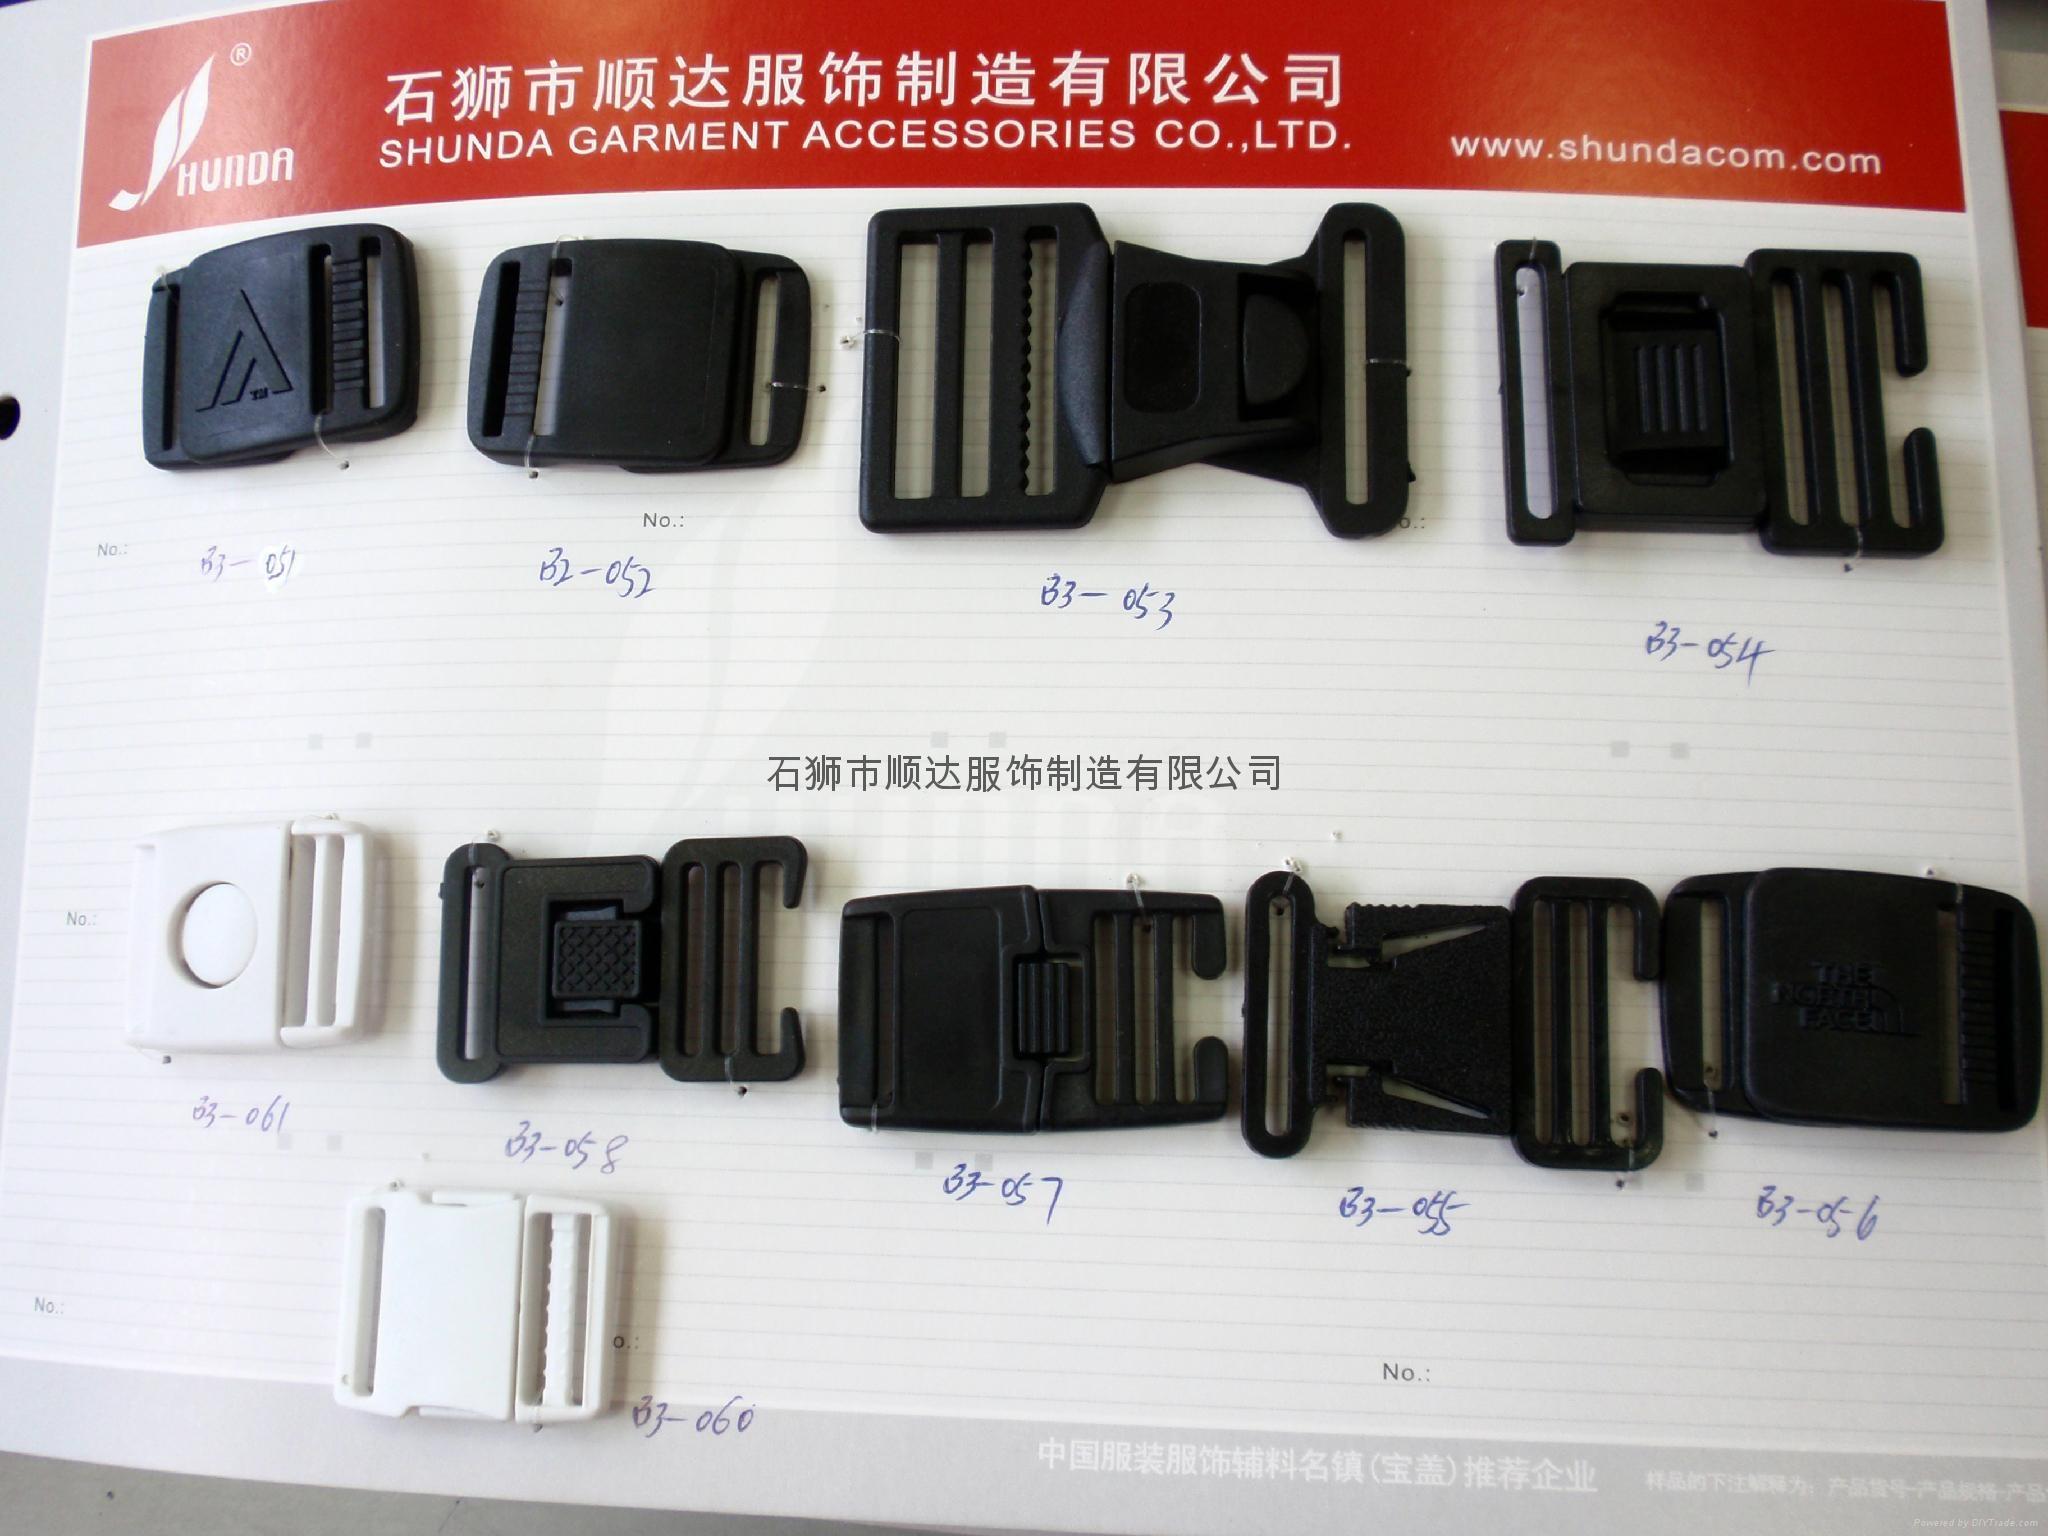 厂家直销塑料背包扣箱包配件塑胶插扣功能扣具卡扣安全扣登山扣具 3